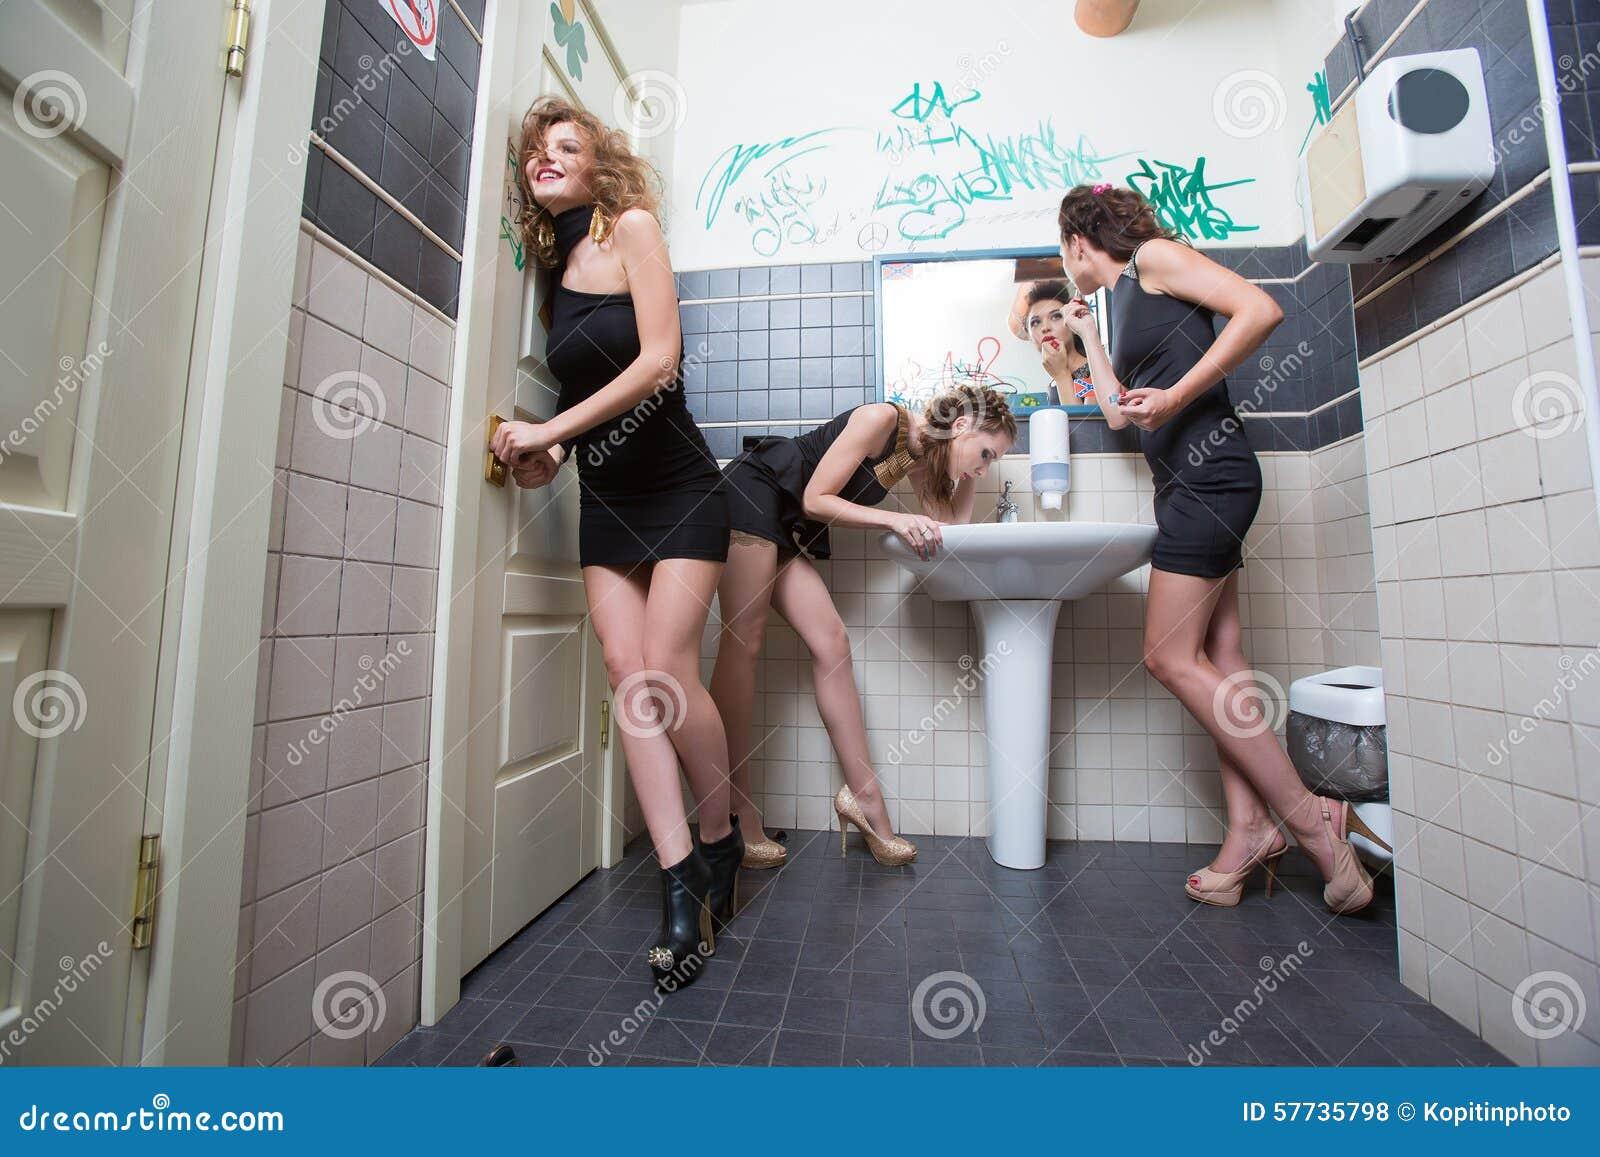 Flicka på flicka orgier